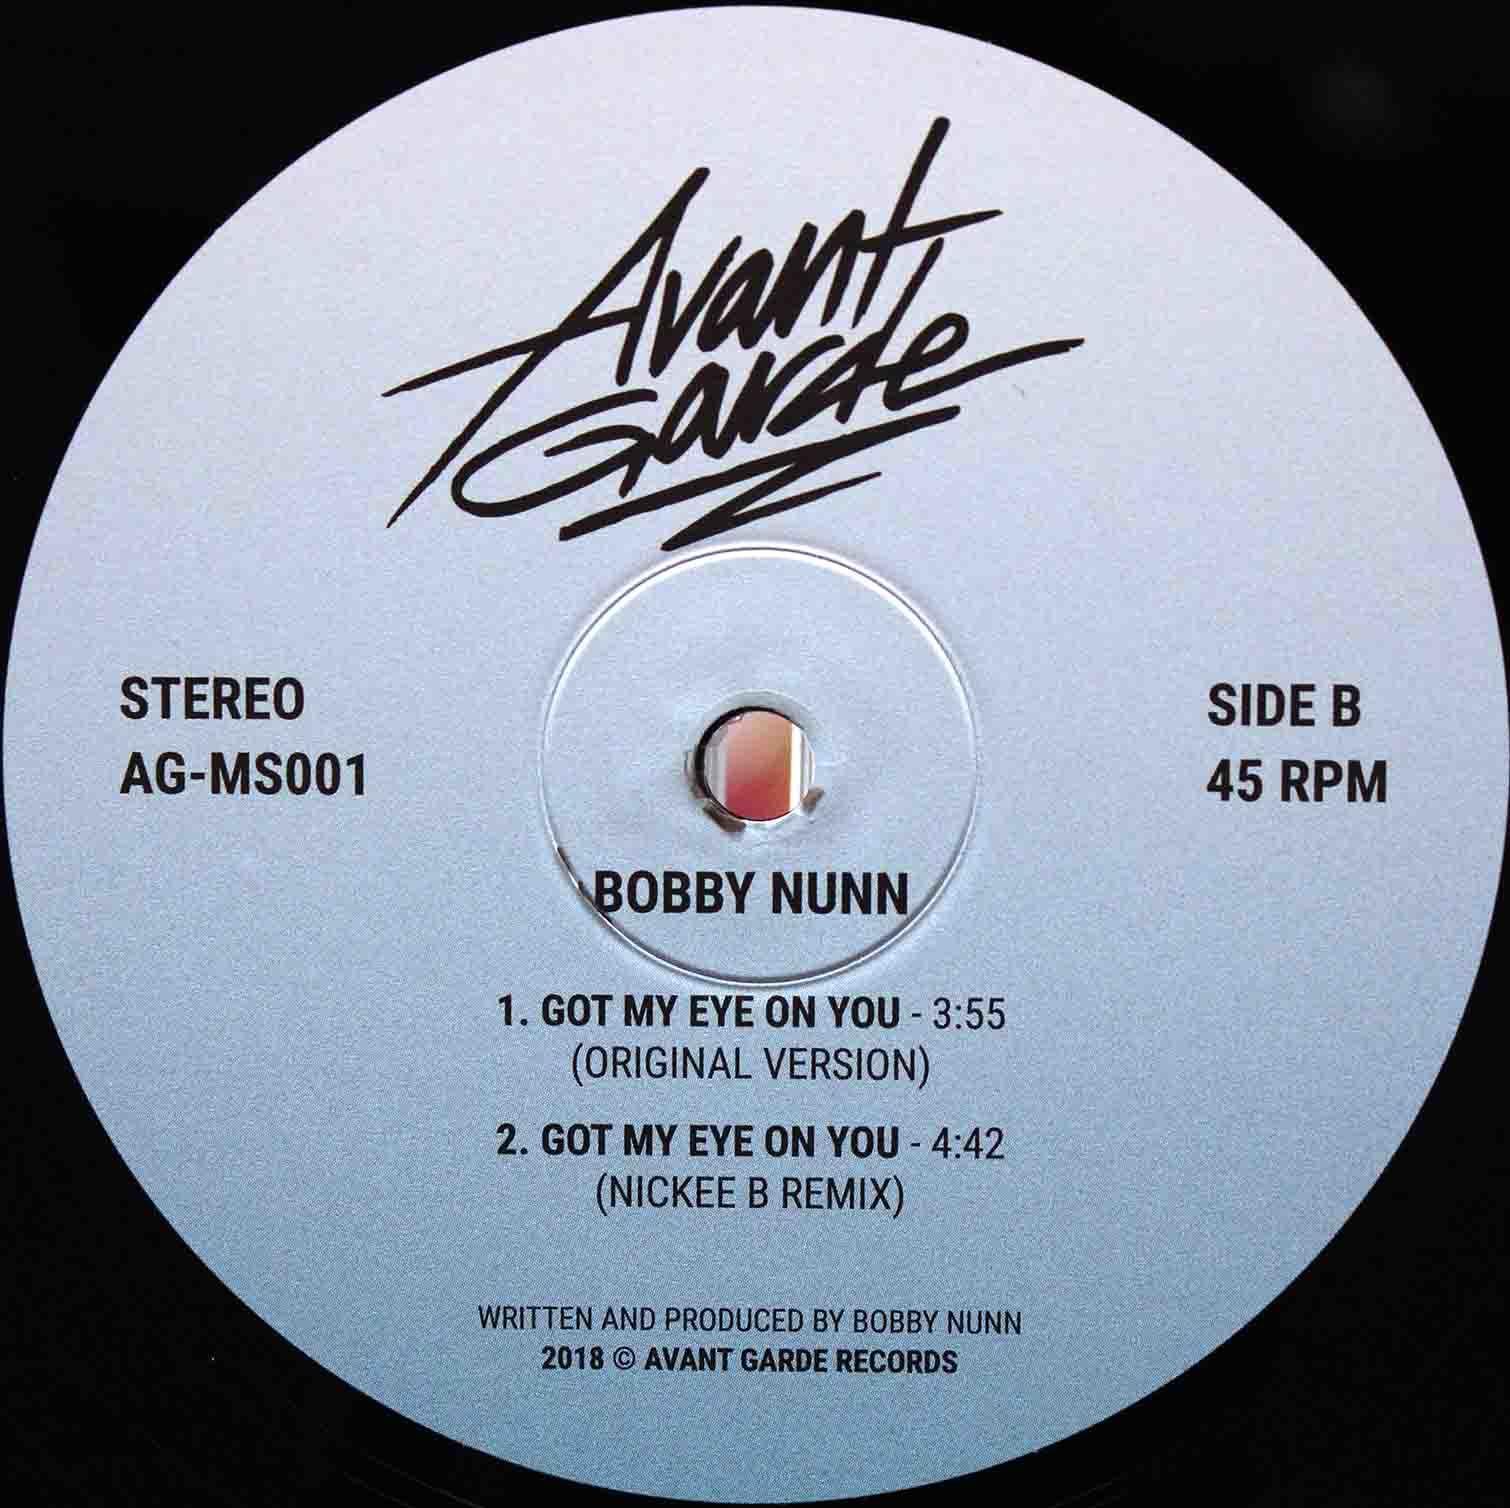 Bobby Nunn – Cherry Pie 04